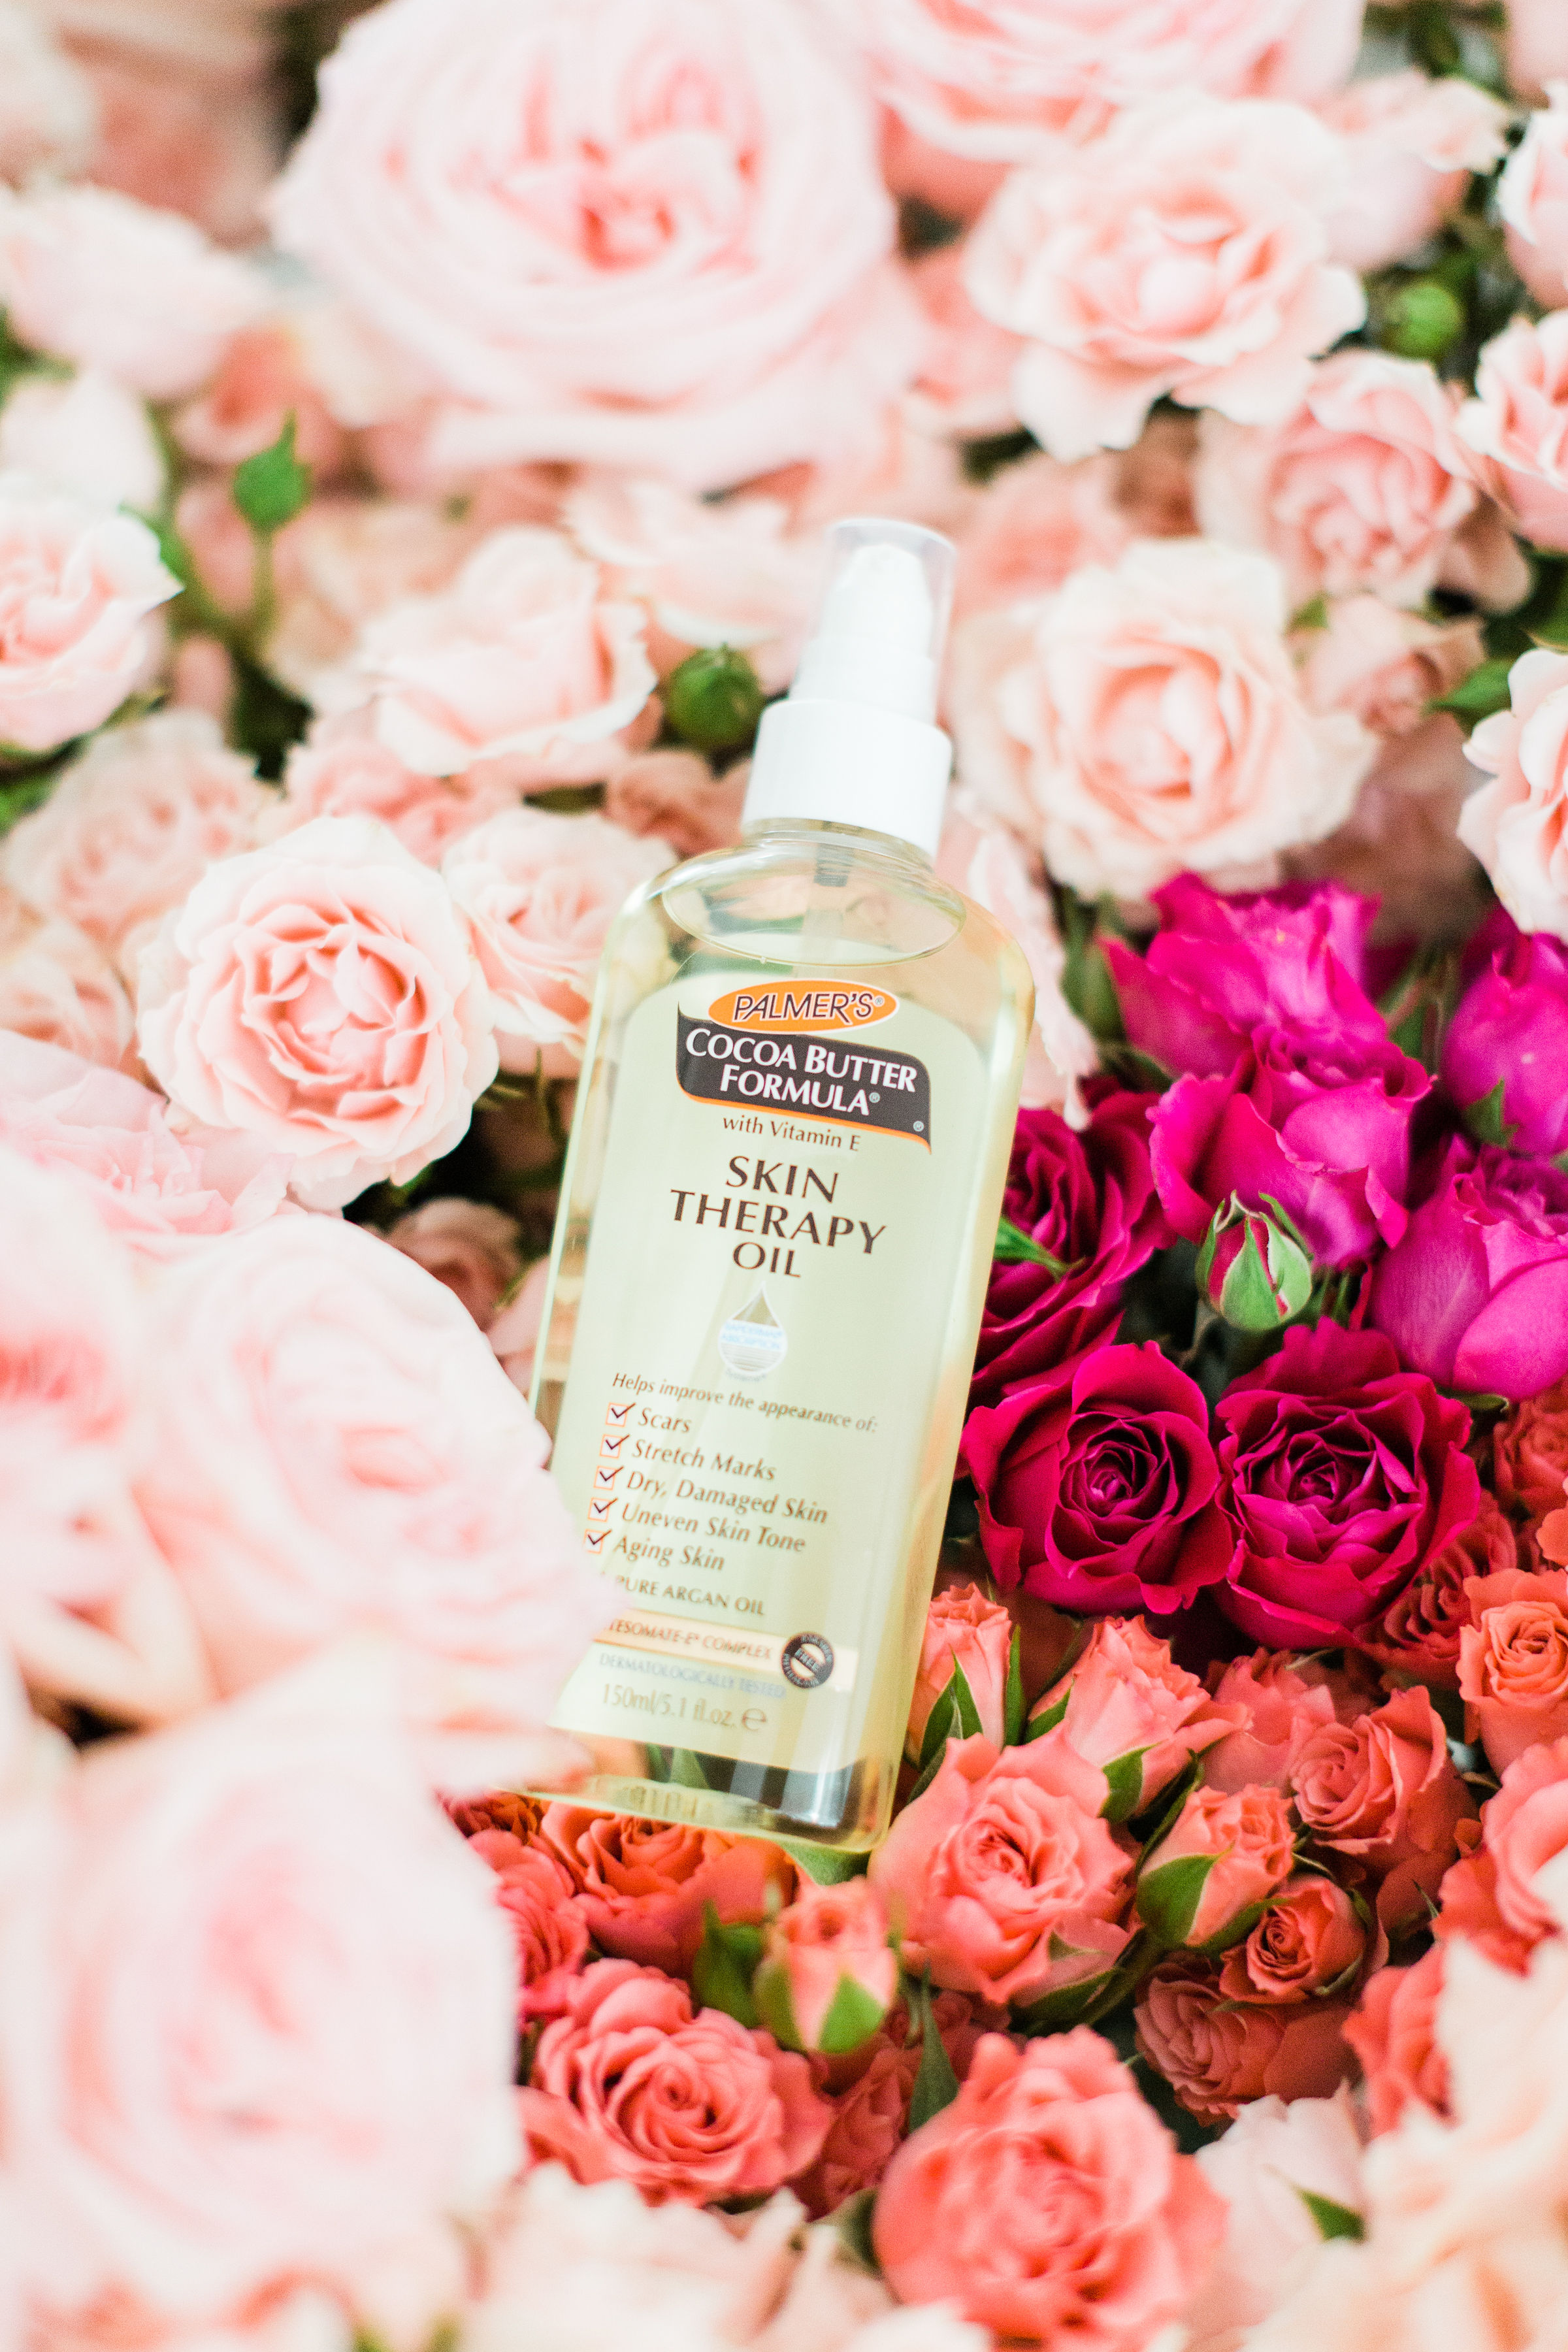 Palmer's® Cocoa Butter Formula® Skin Therapy Oil| glitterinc.com | @glitterinc